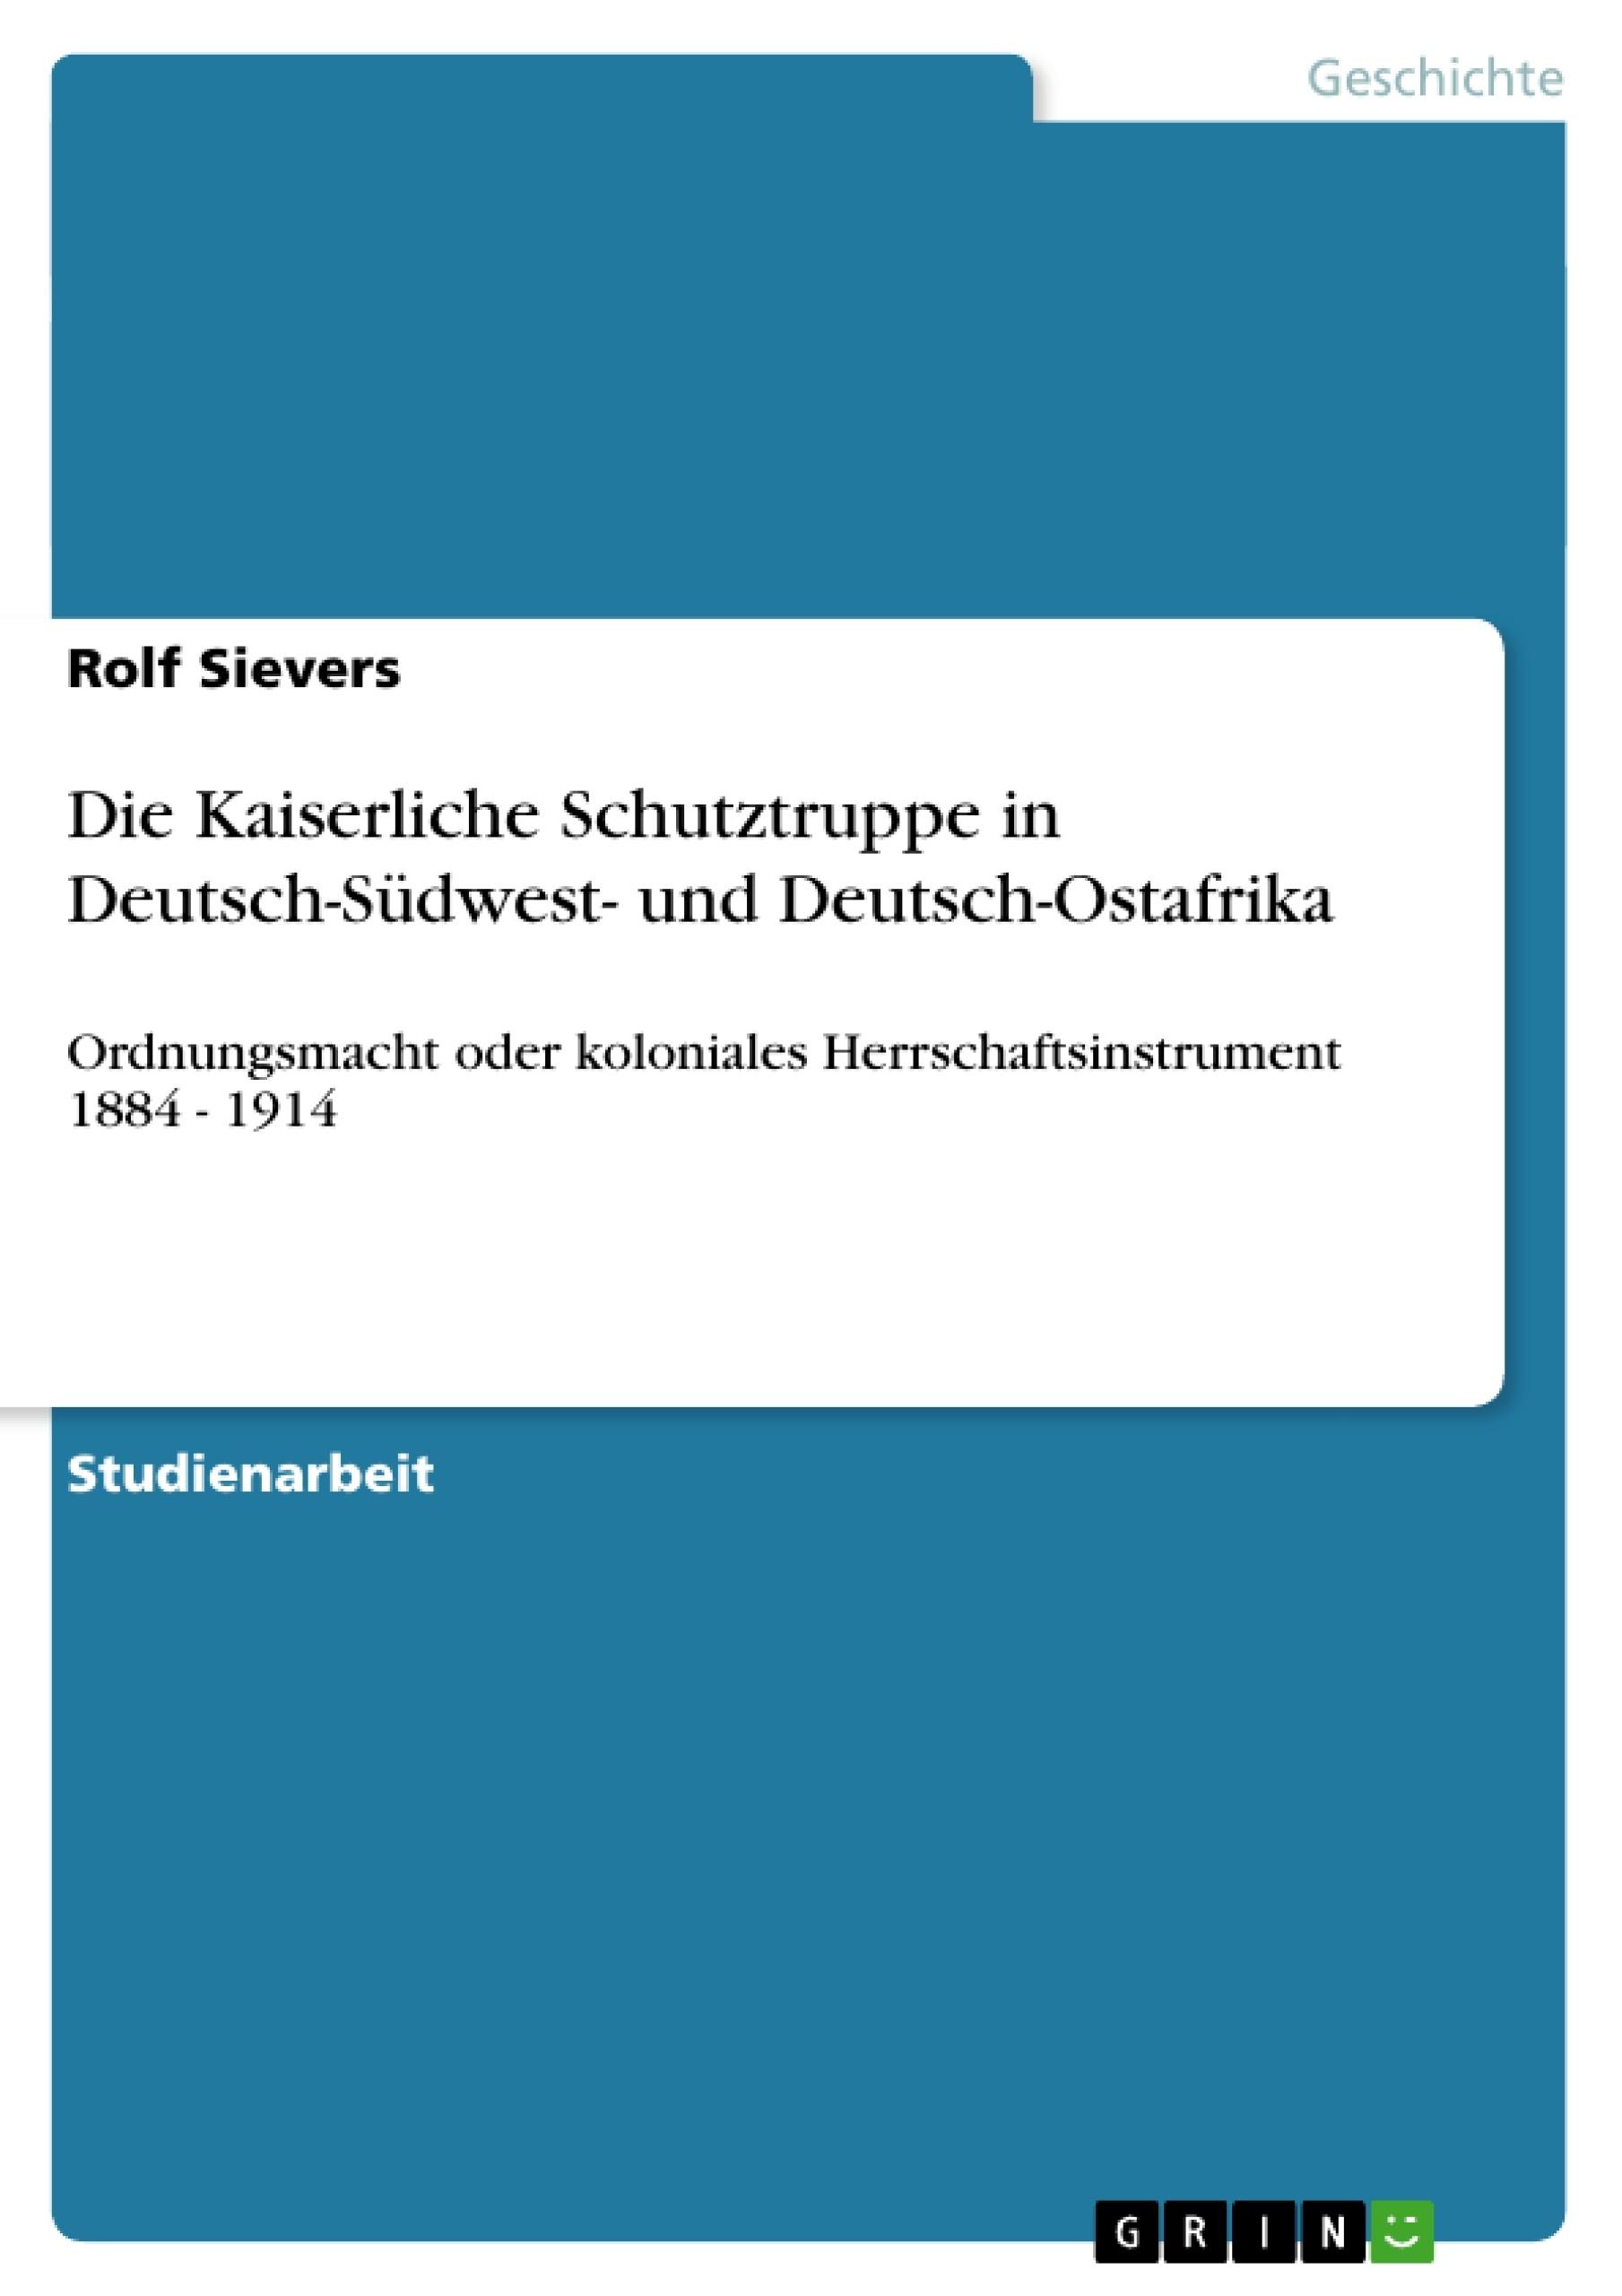 Titel: Die Kaiserliche Schutztruppe in Deutsch-Südwest- und Deutsch-Ostafrika